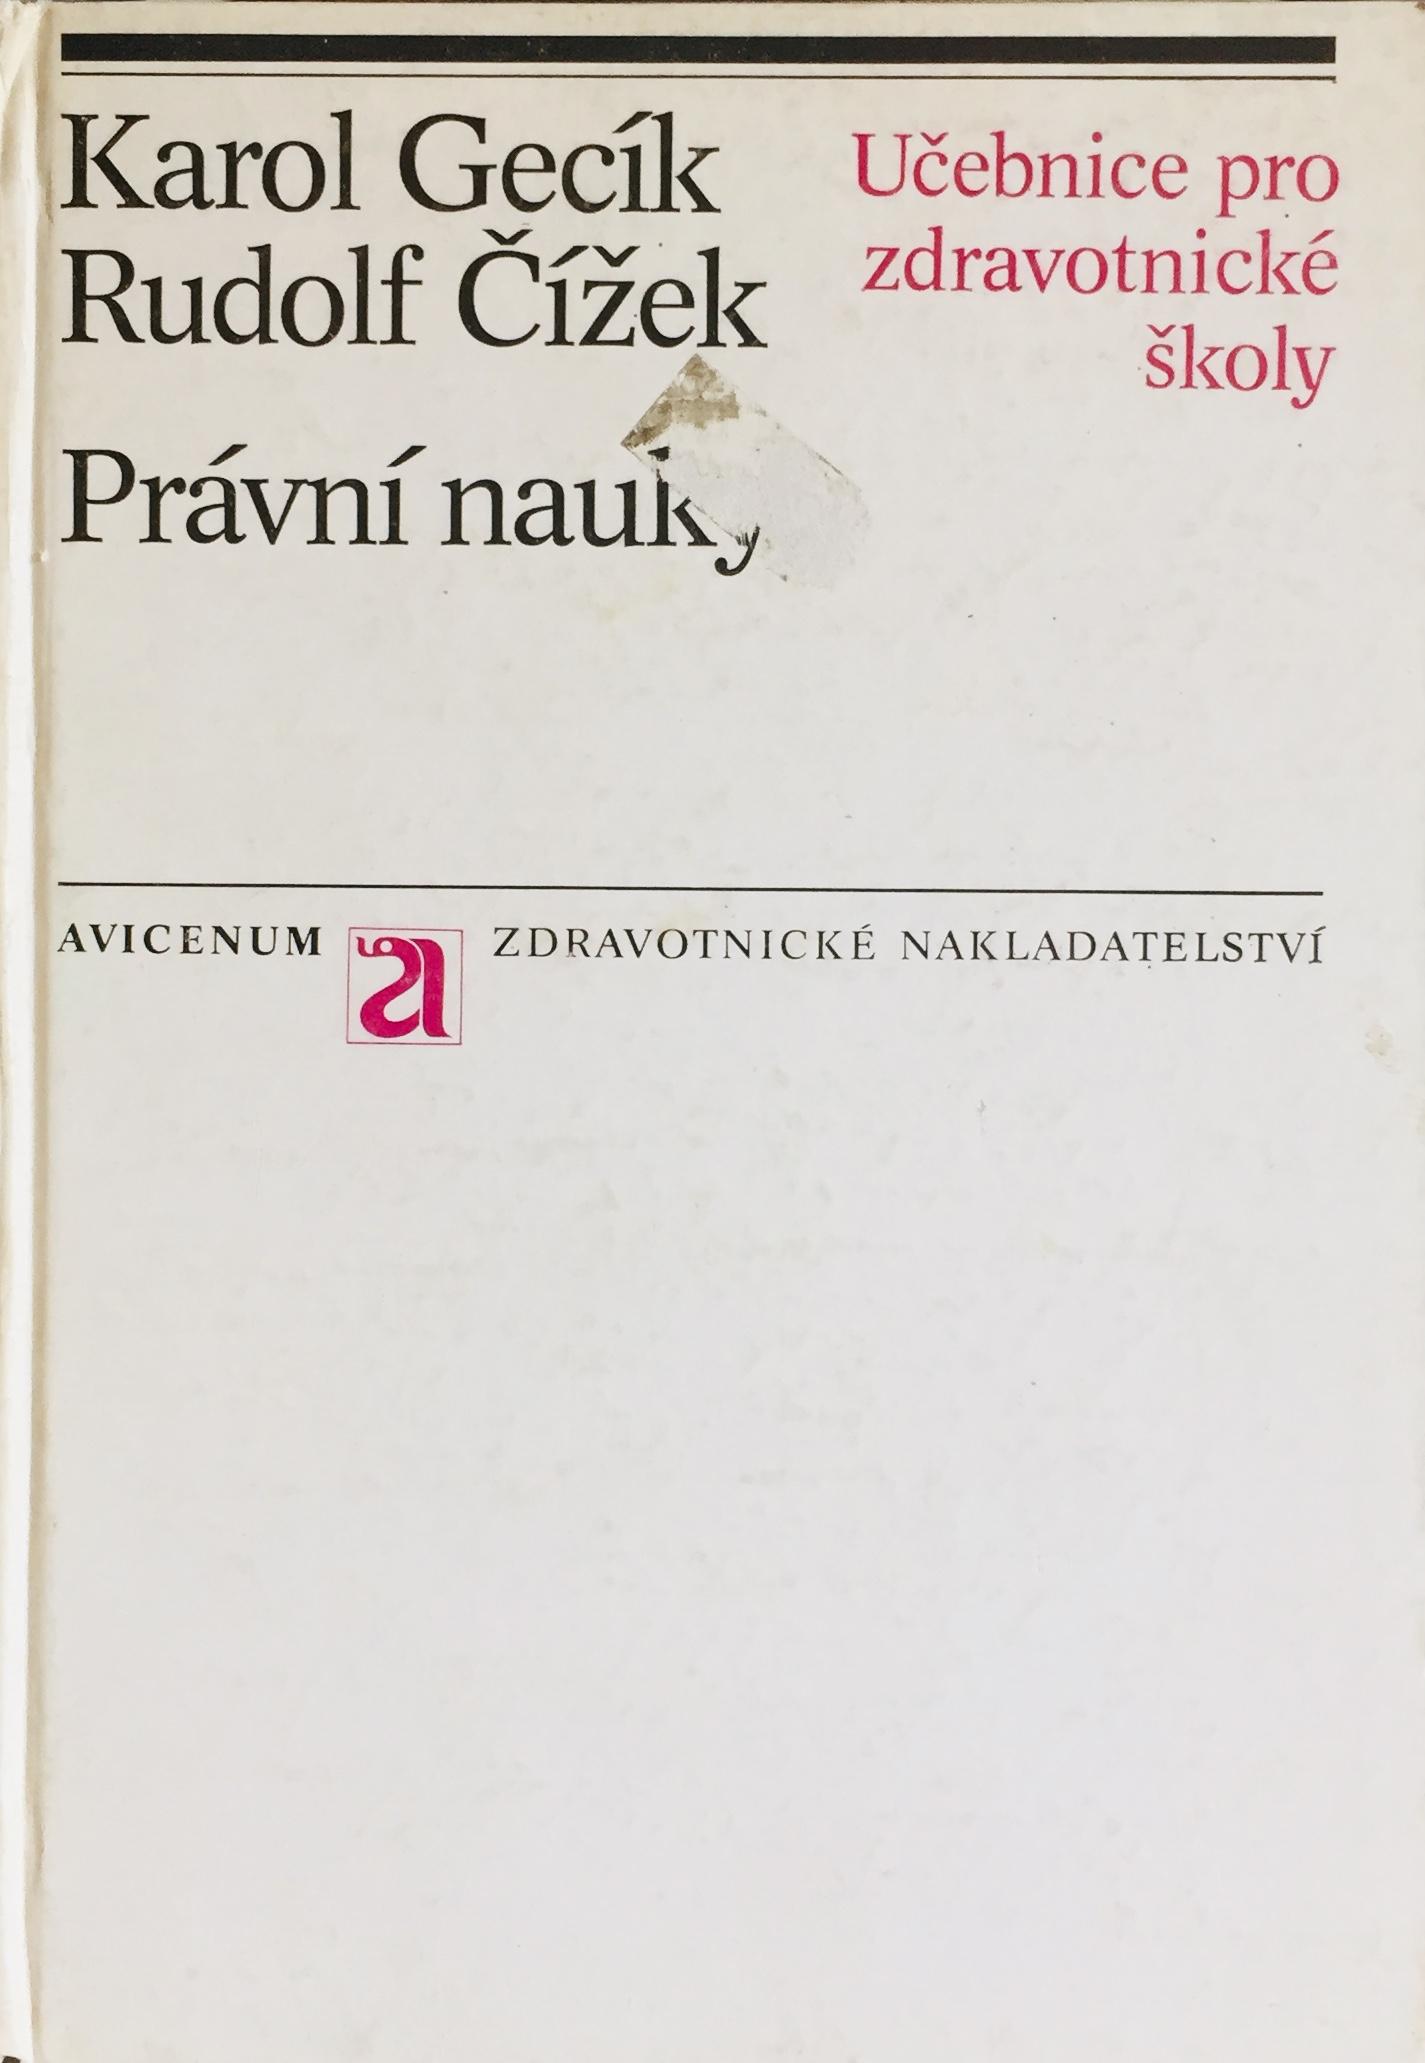 Právní nauky - Karol Gecík, Rudolf Čížek /bazarové zboží/